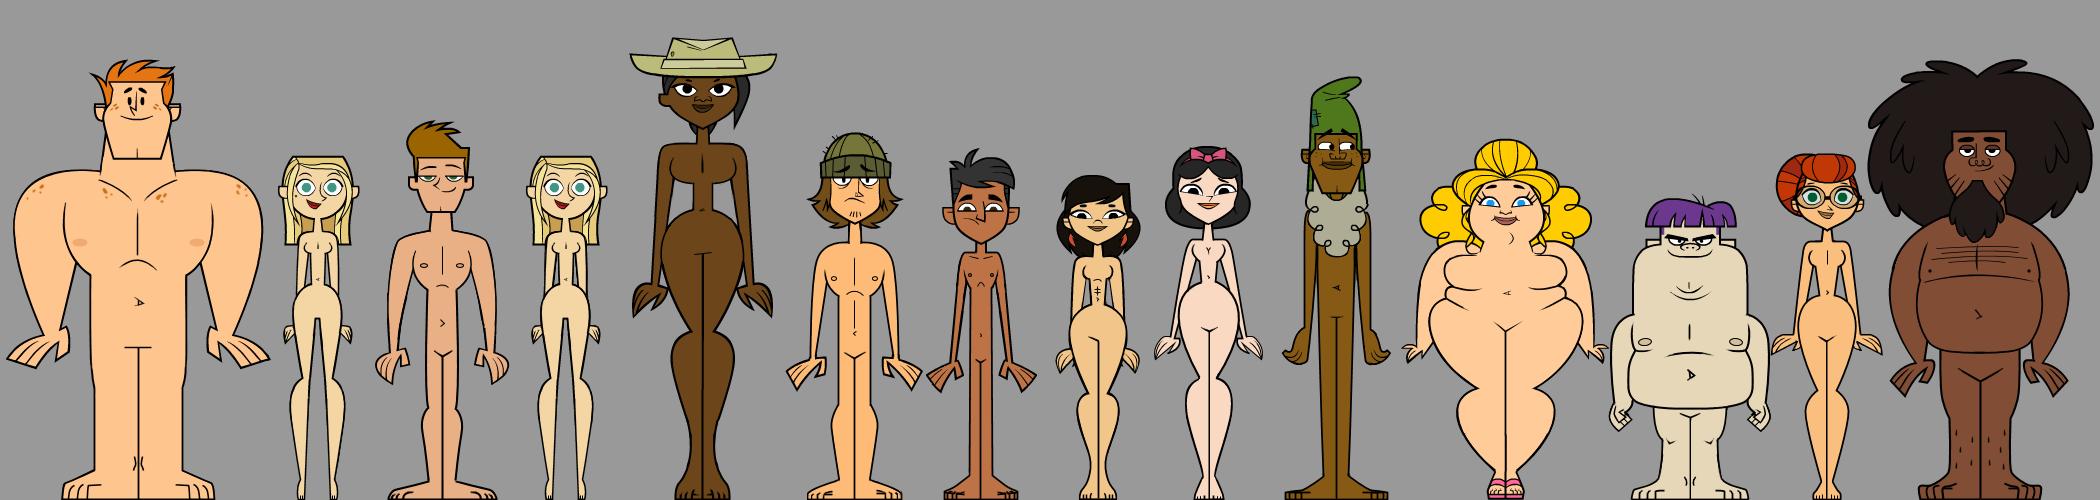 Total Drama Nudity 91